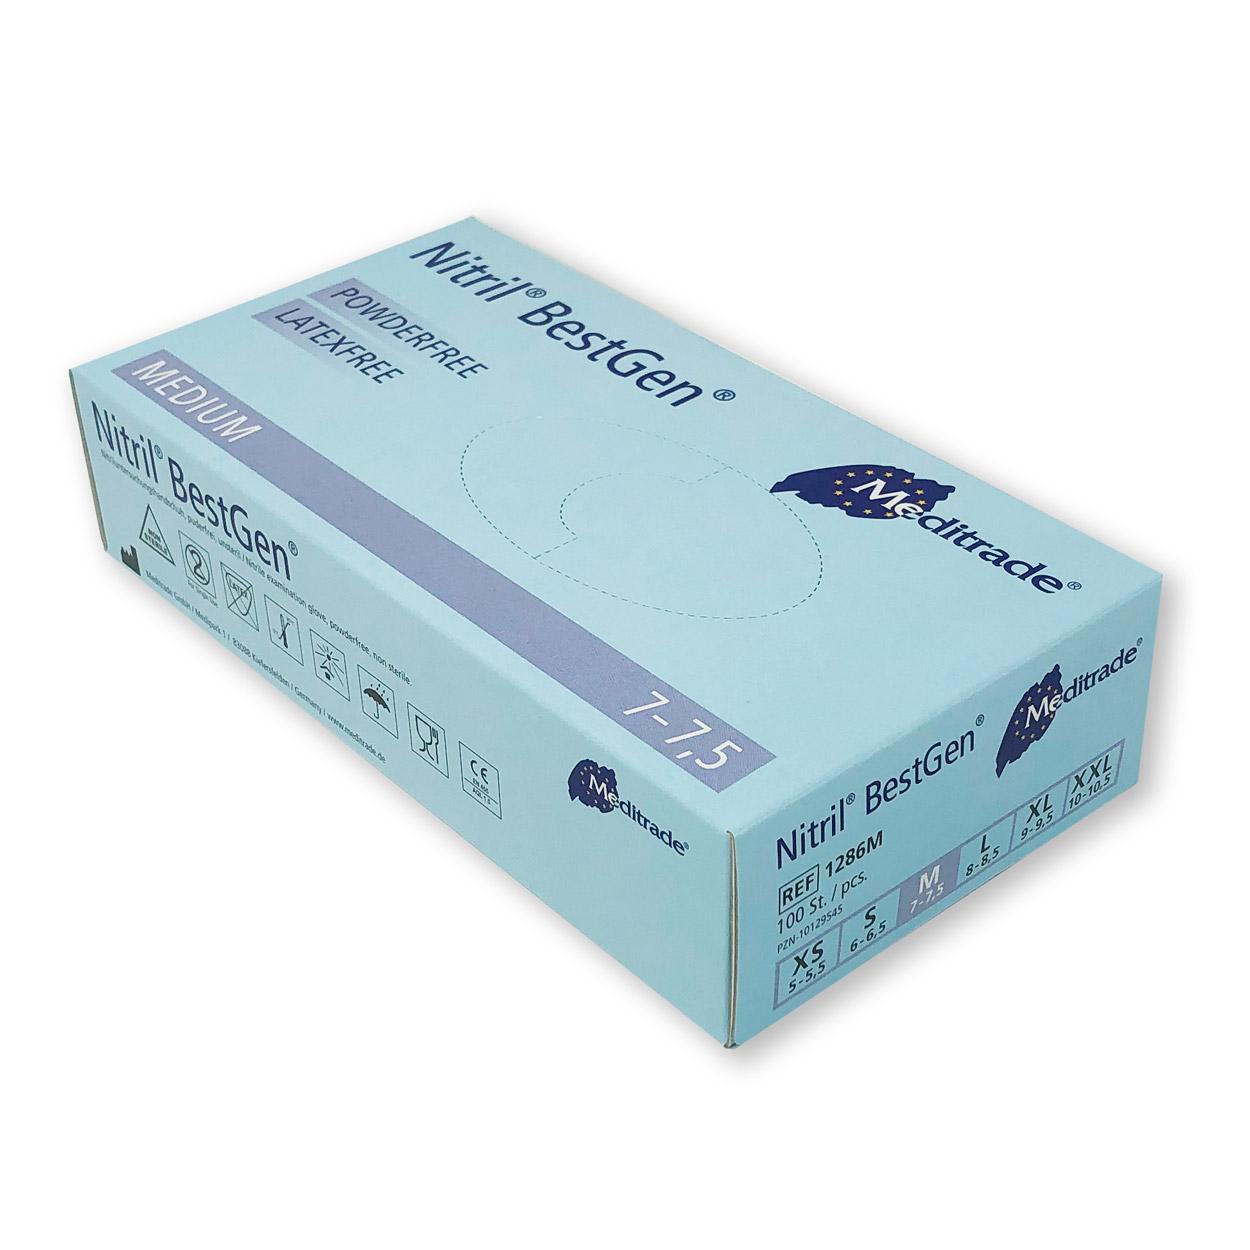 BestGen® Untersuchungshandschuh, Packung á 100 Stk.